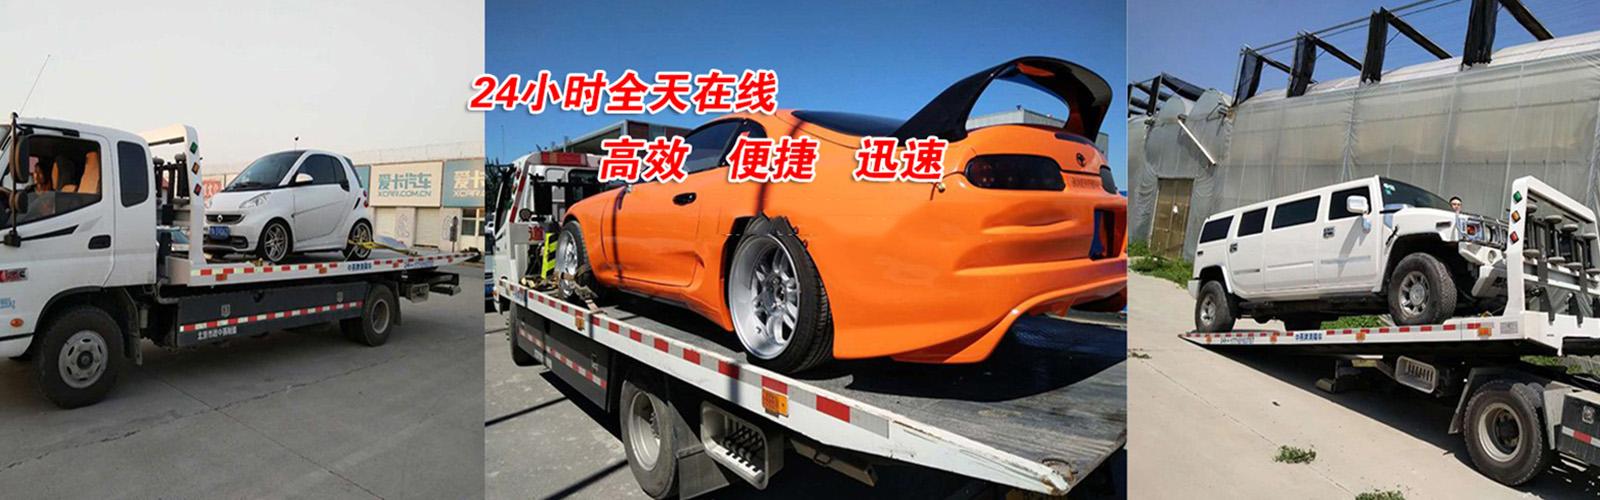 郑州汽车救援